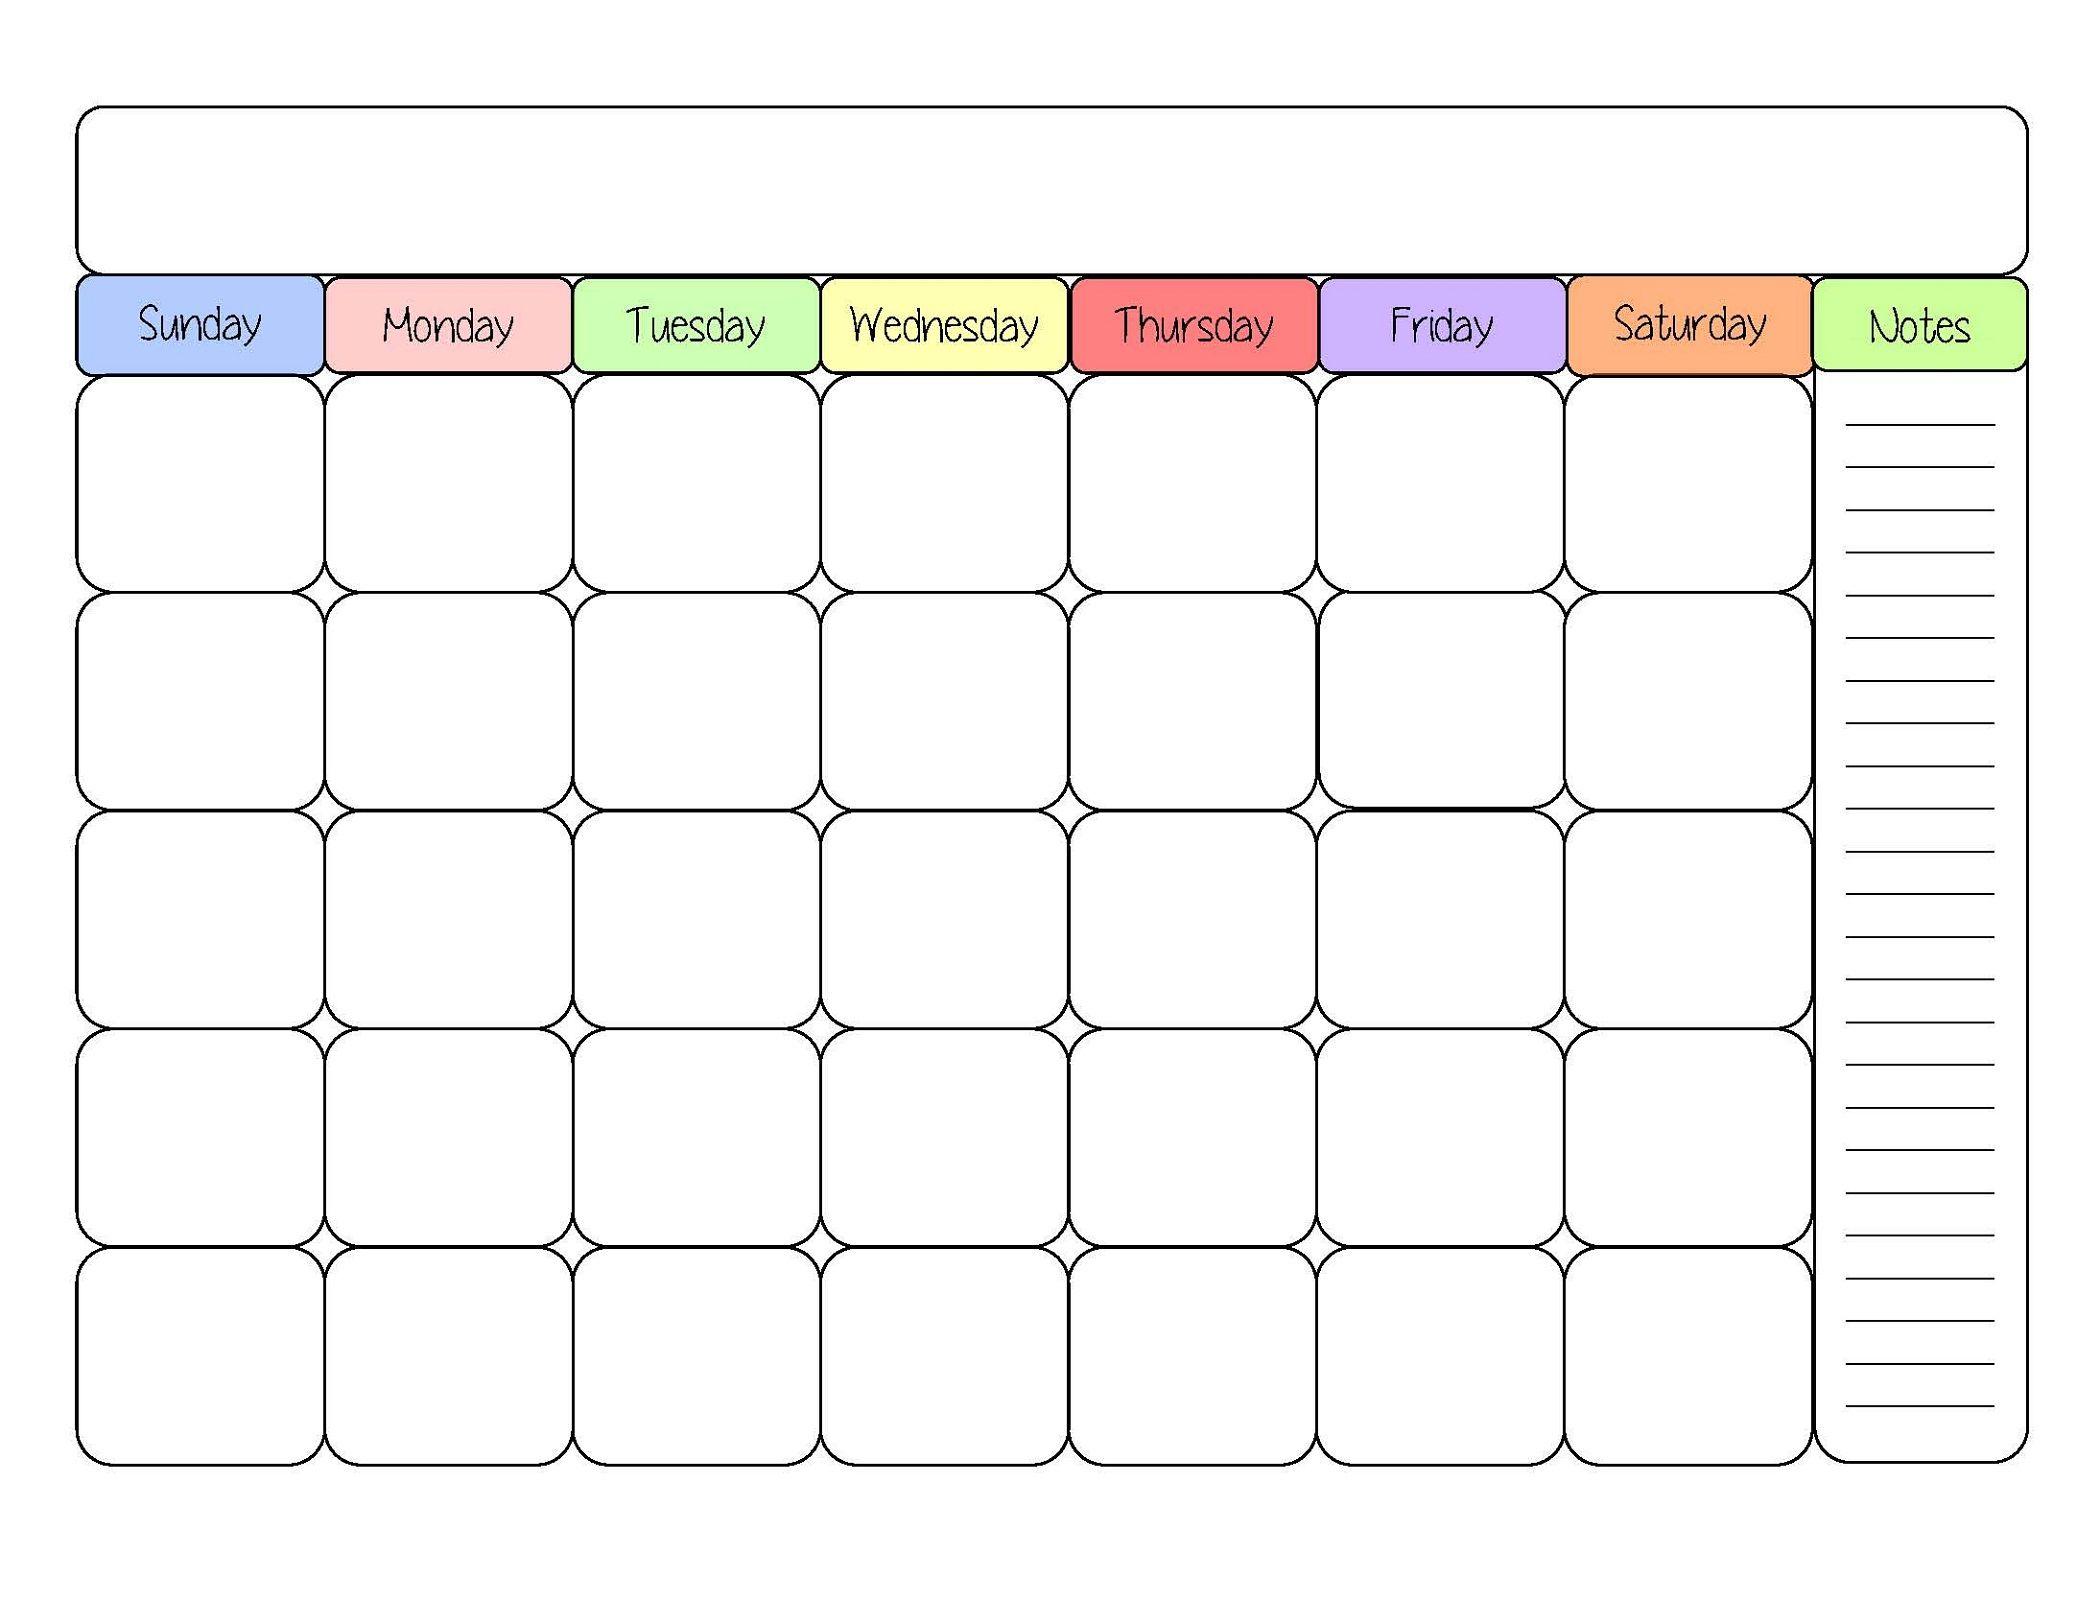 supérieur Sample Blank Calendars to Print | Activity Shelter Calendar To Print,  Calendar Pages, Cute